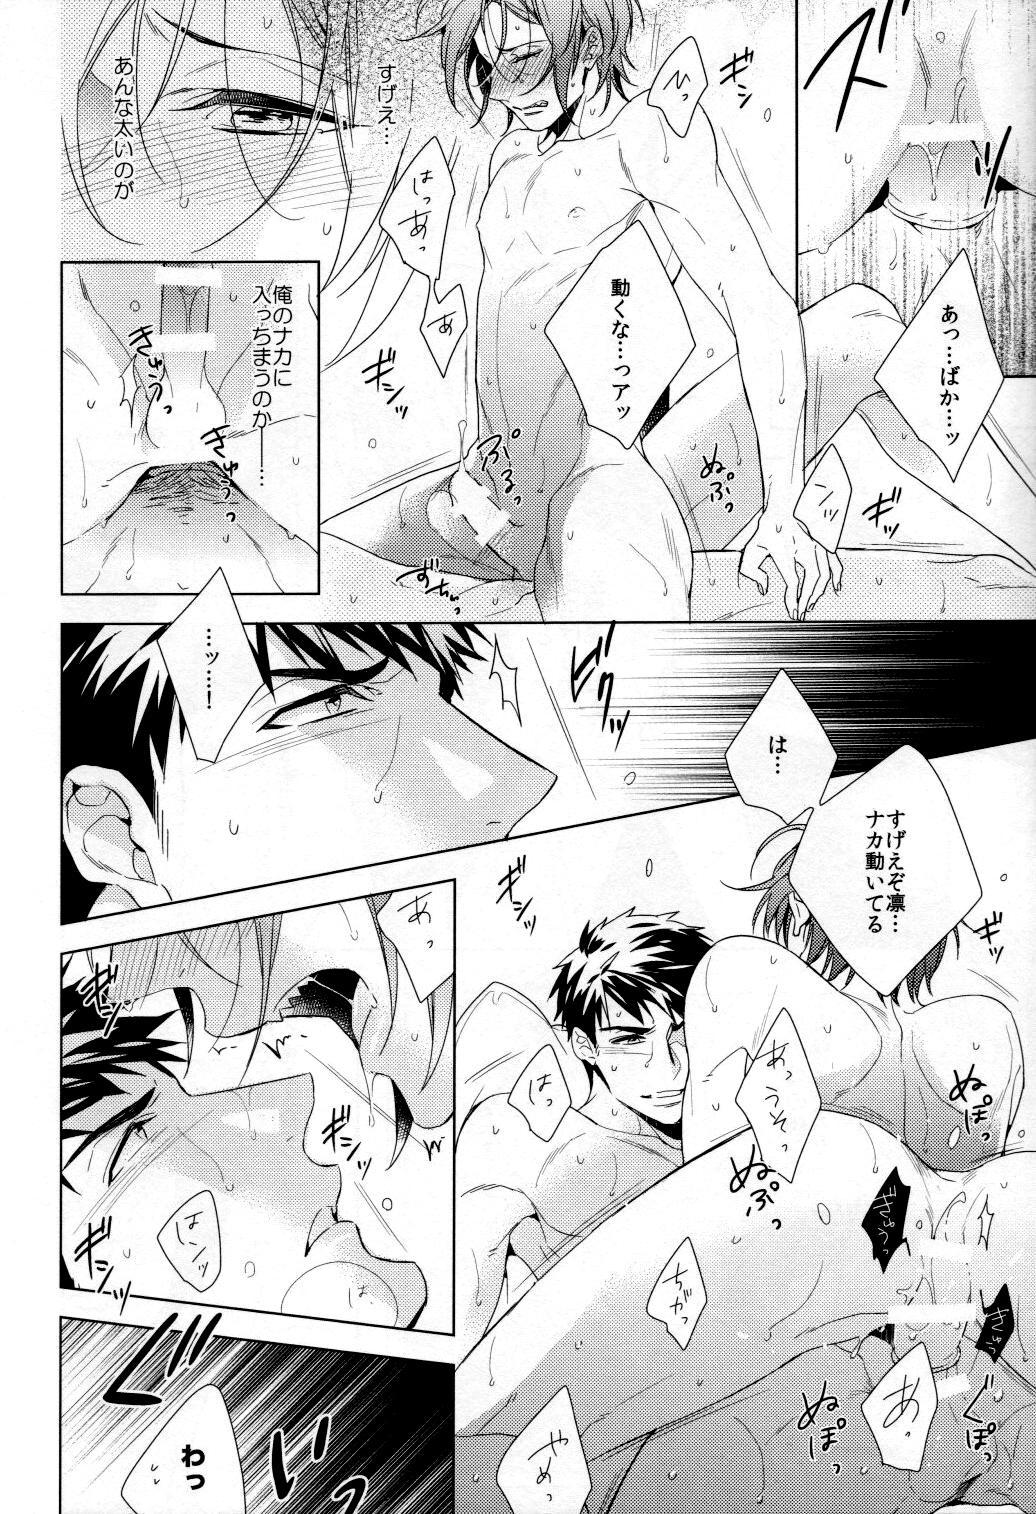 Kyo wa ore ga × × shite yaru! 8